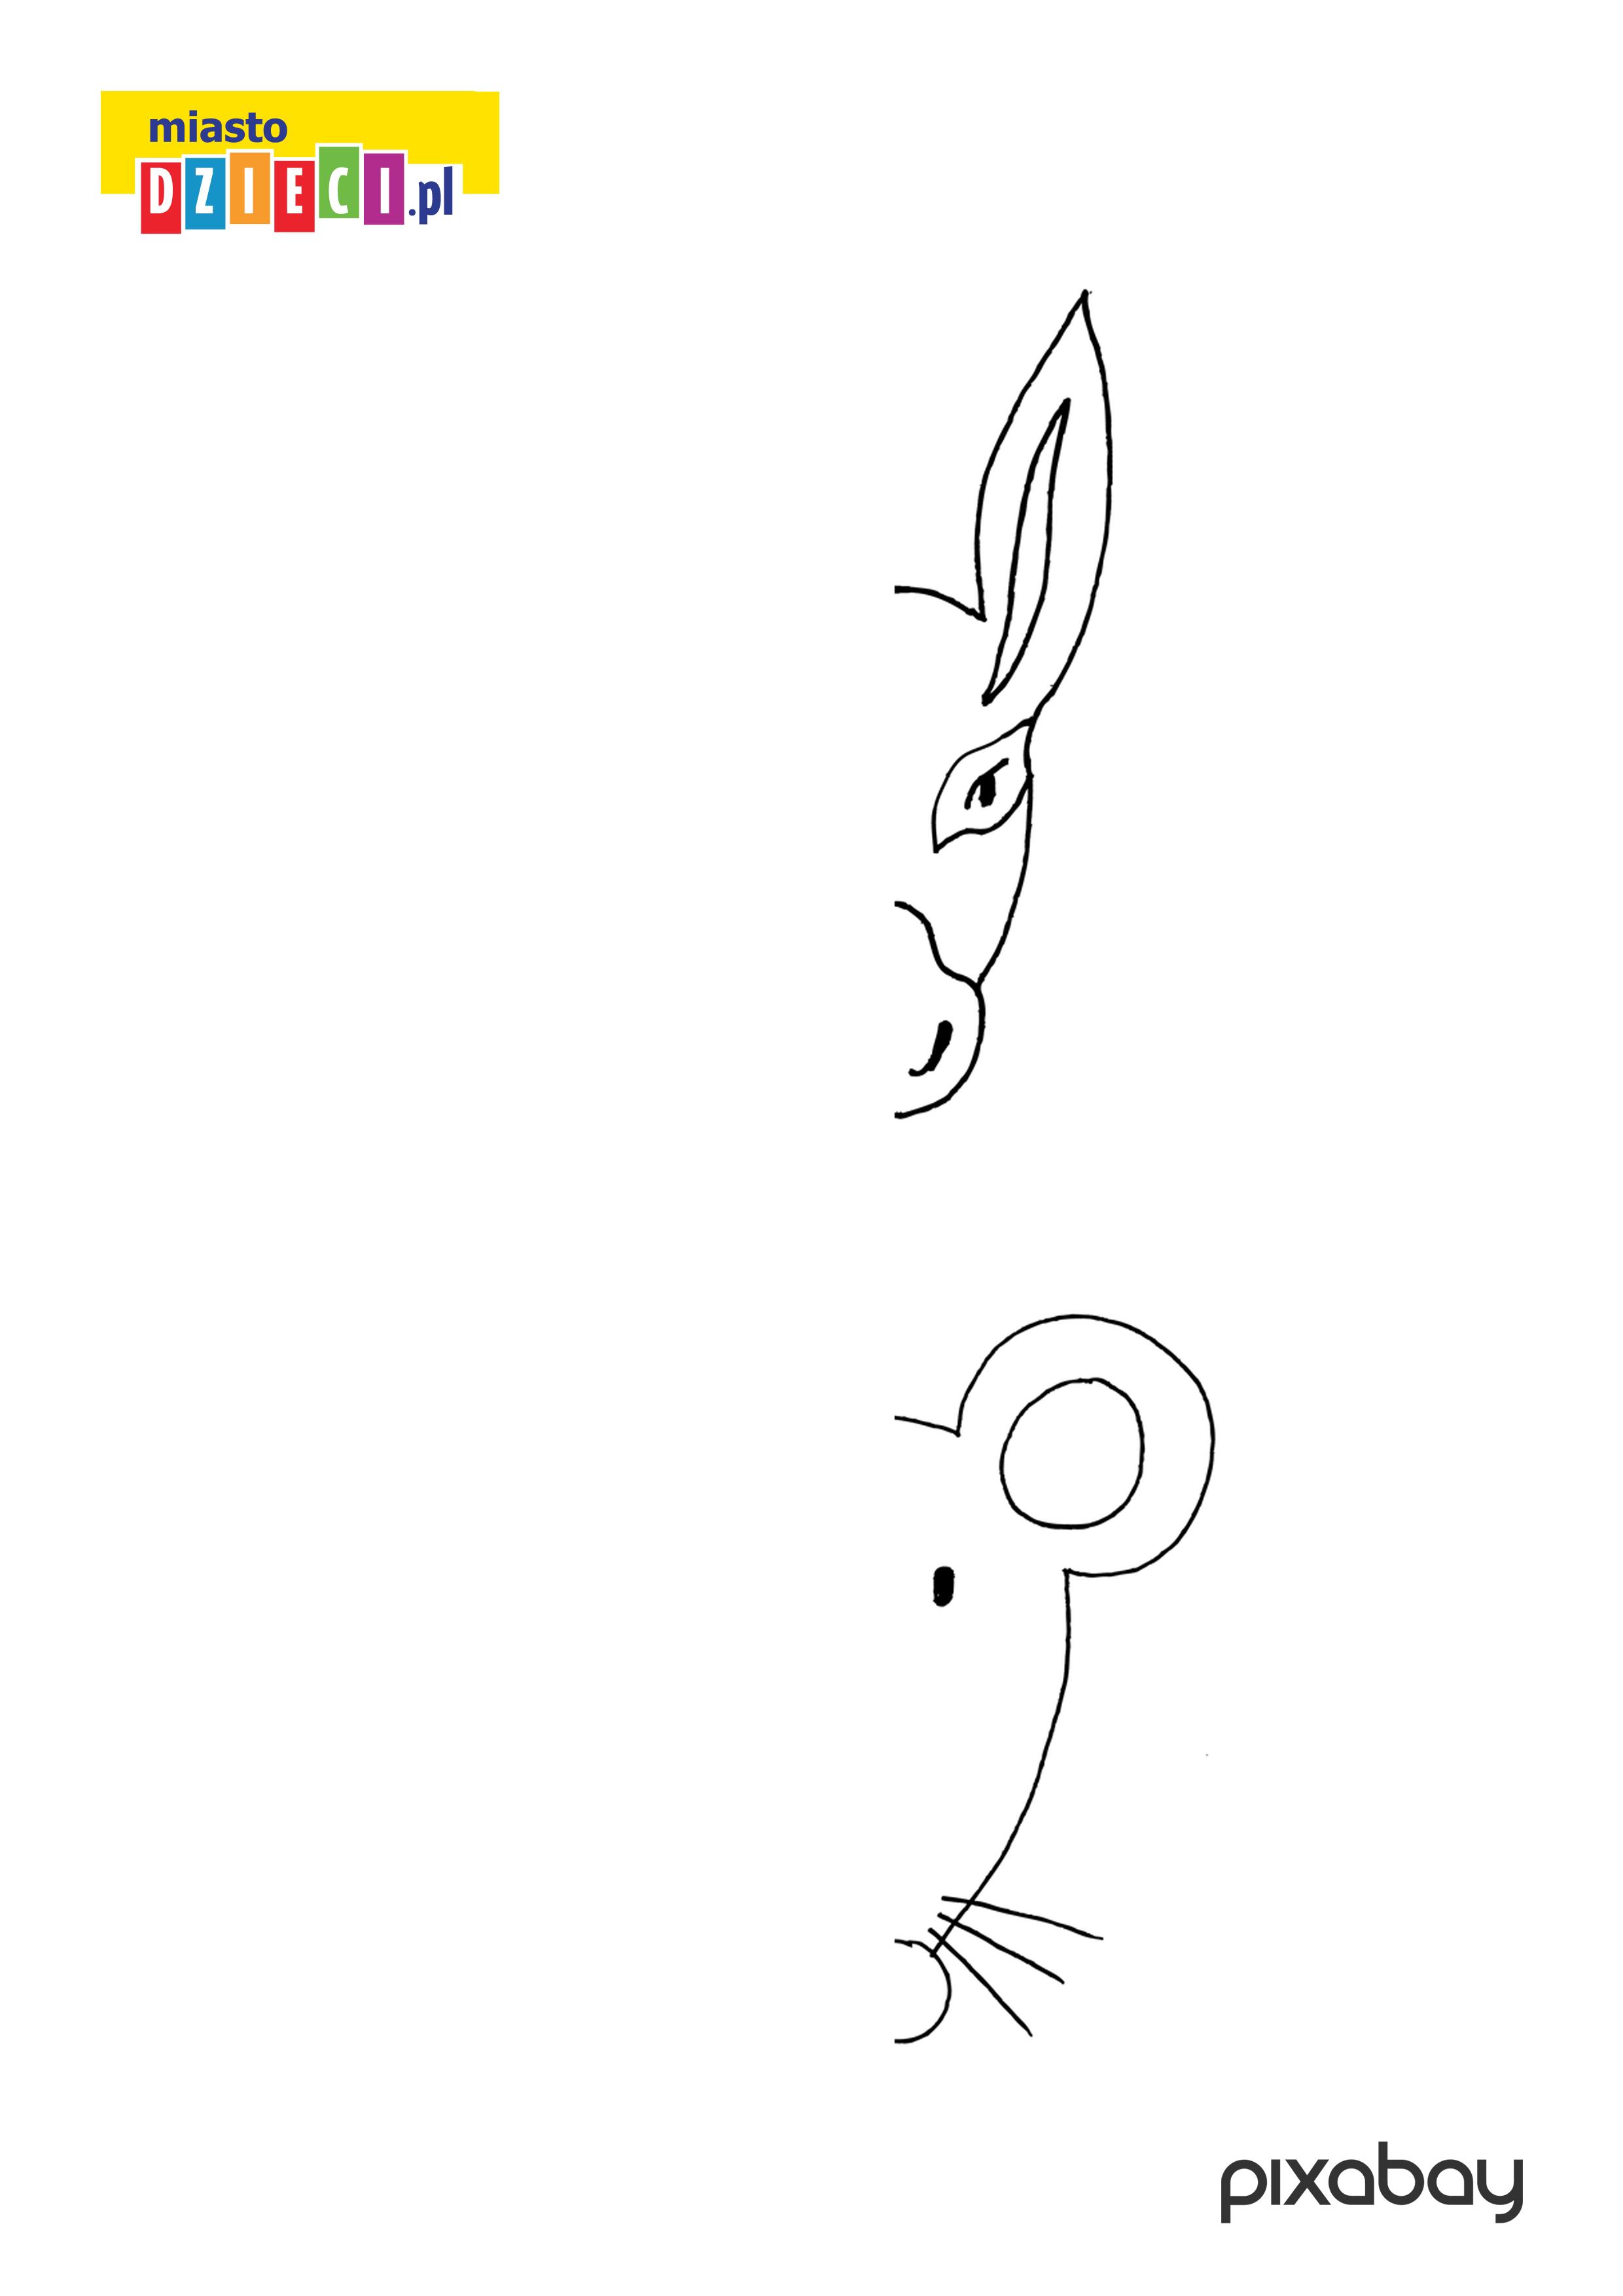 osiołek i myszka - dorysuj brakujące połówki